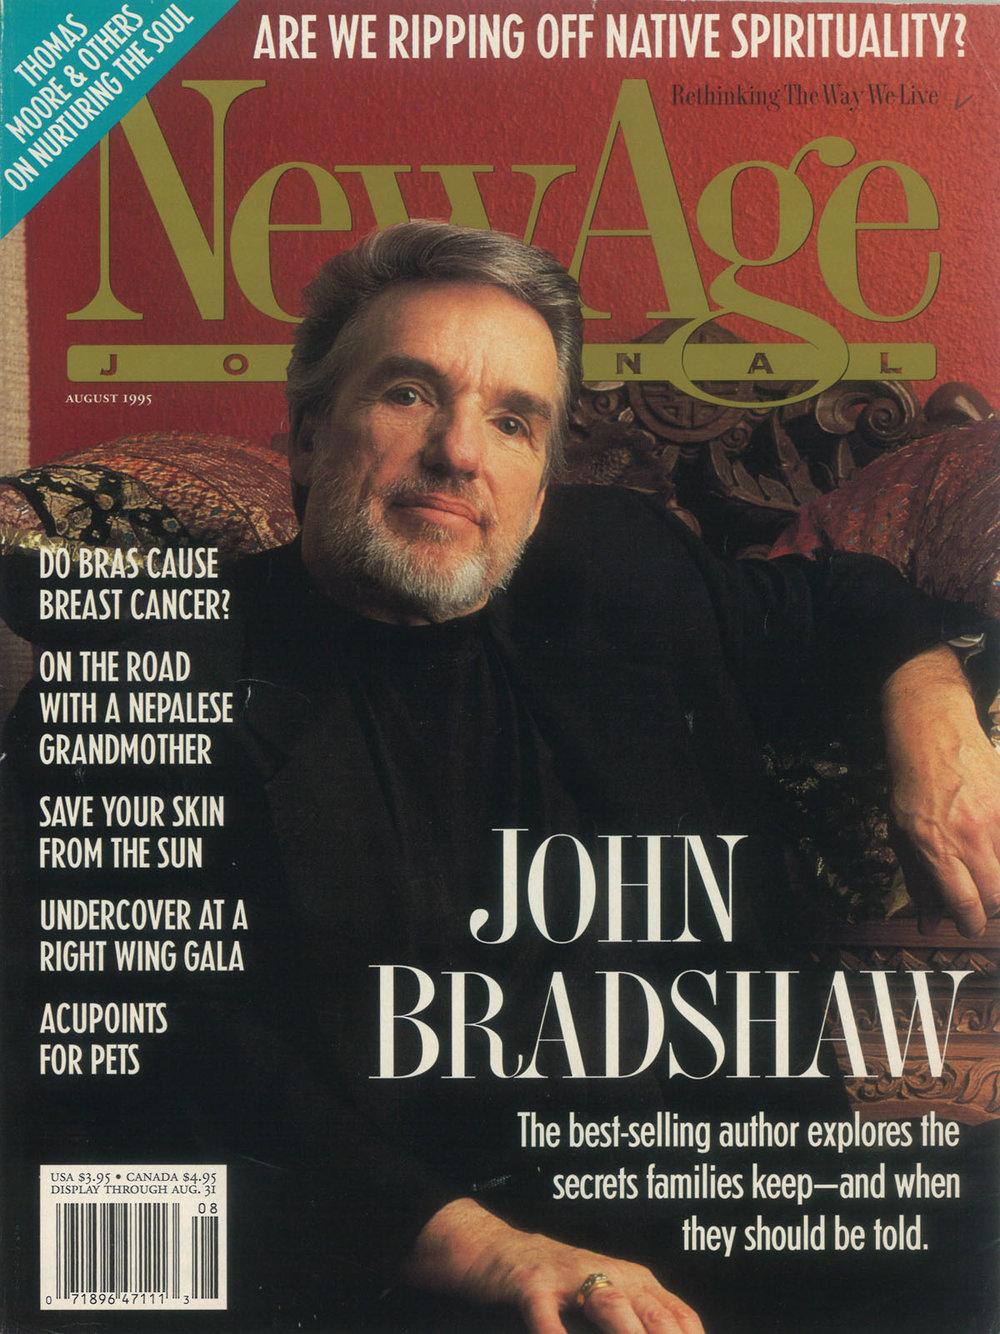 John Bradshaw_20100513153241_00031.jpg